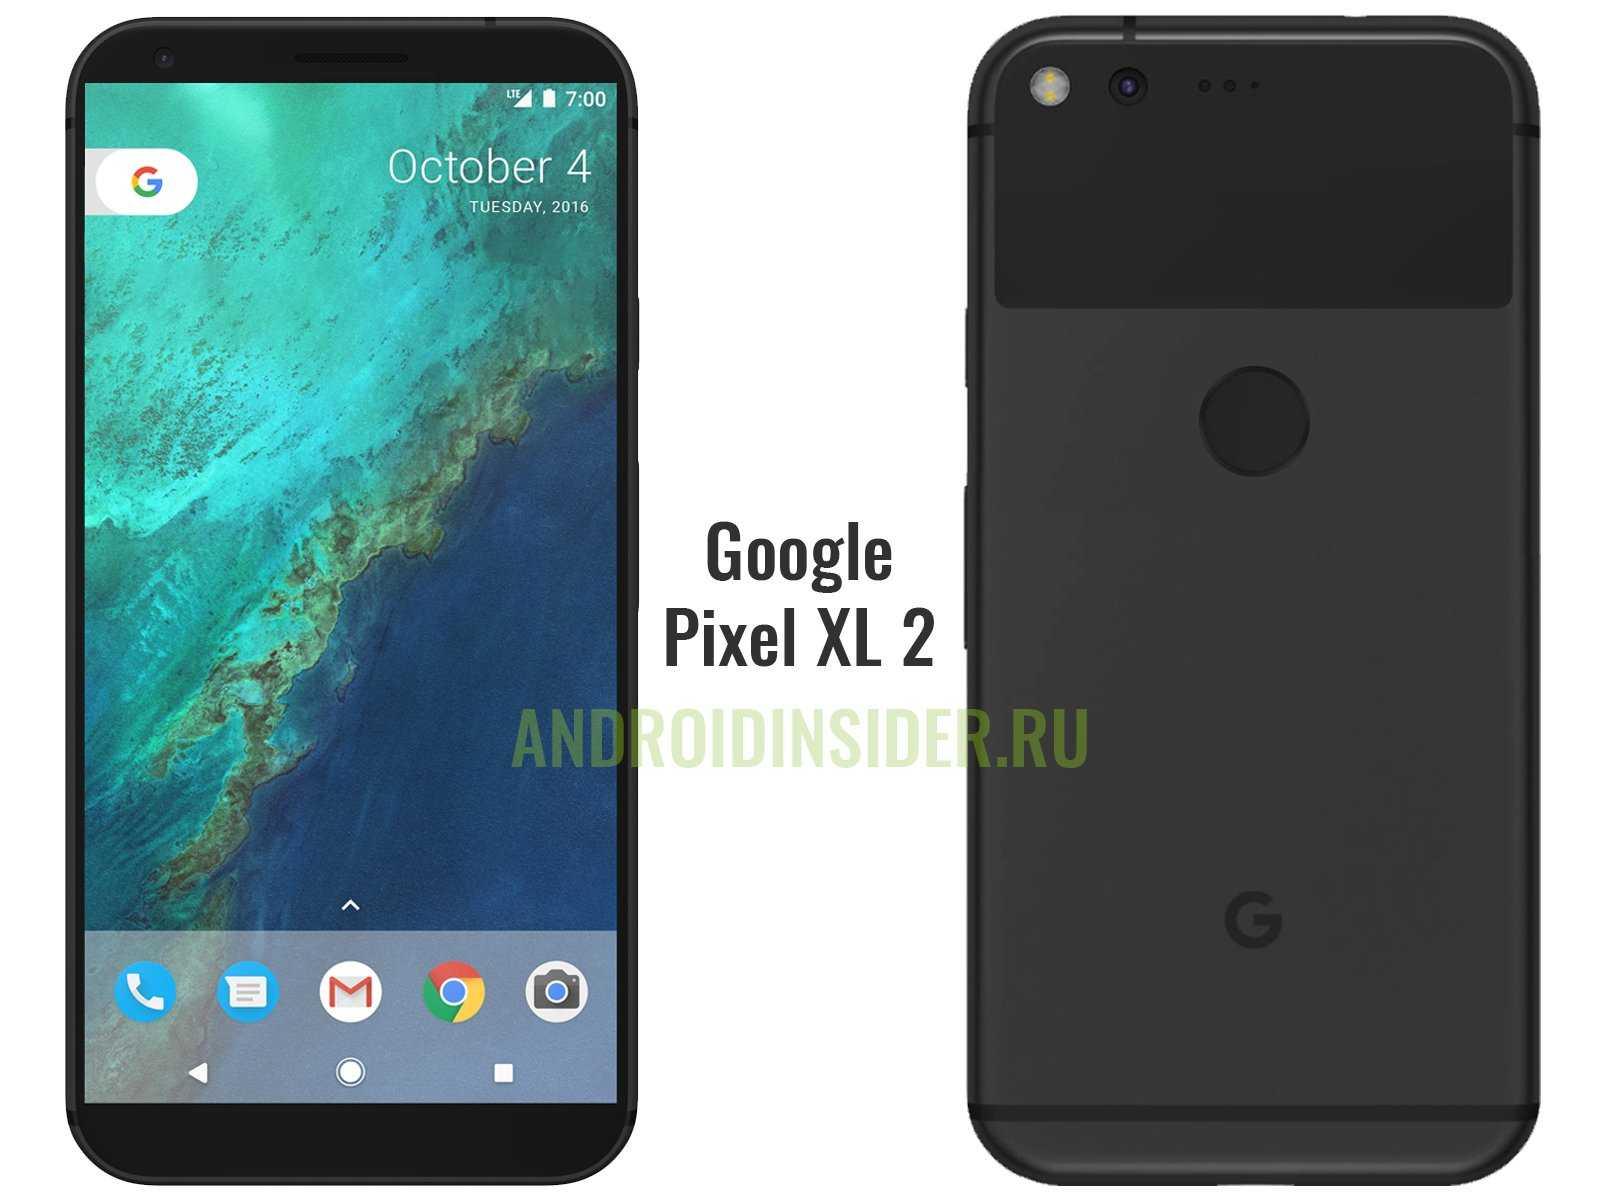 Почему google pixel со старой камерой снимает лучше новых флагманов - androidinsider.ru